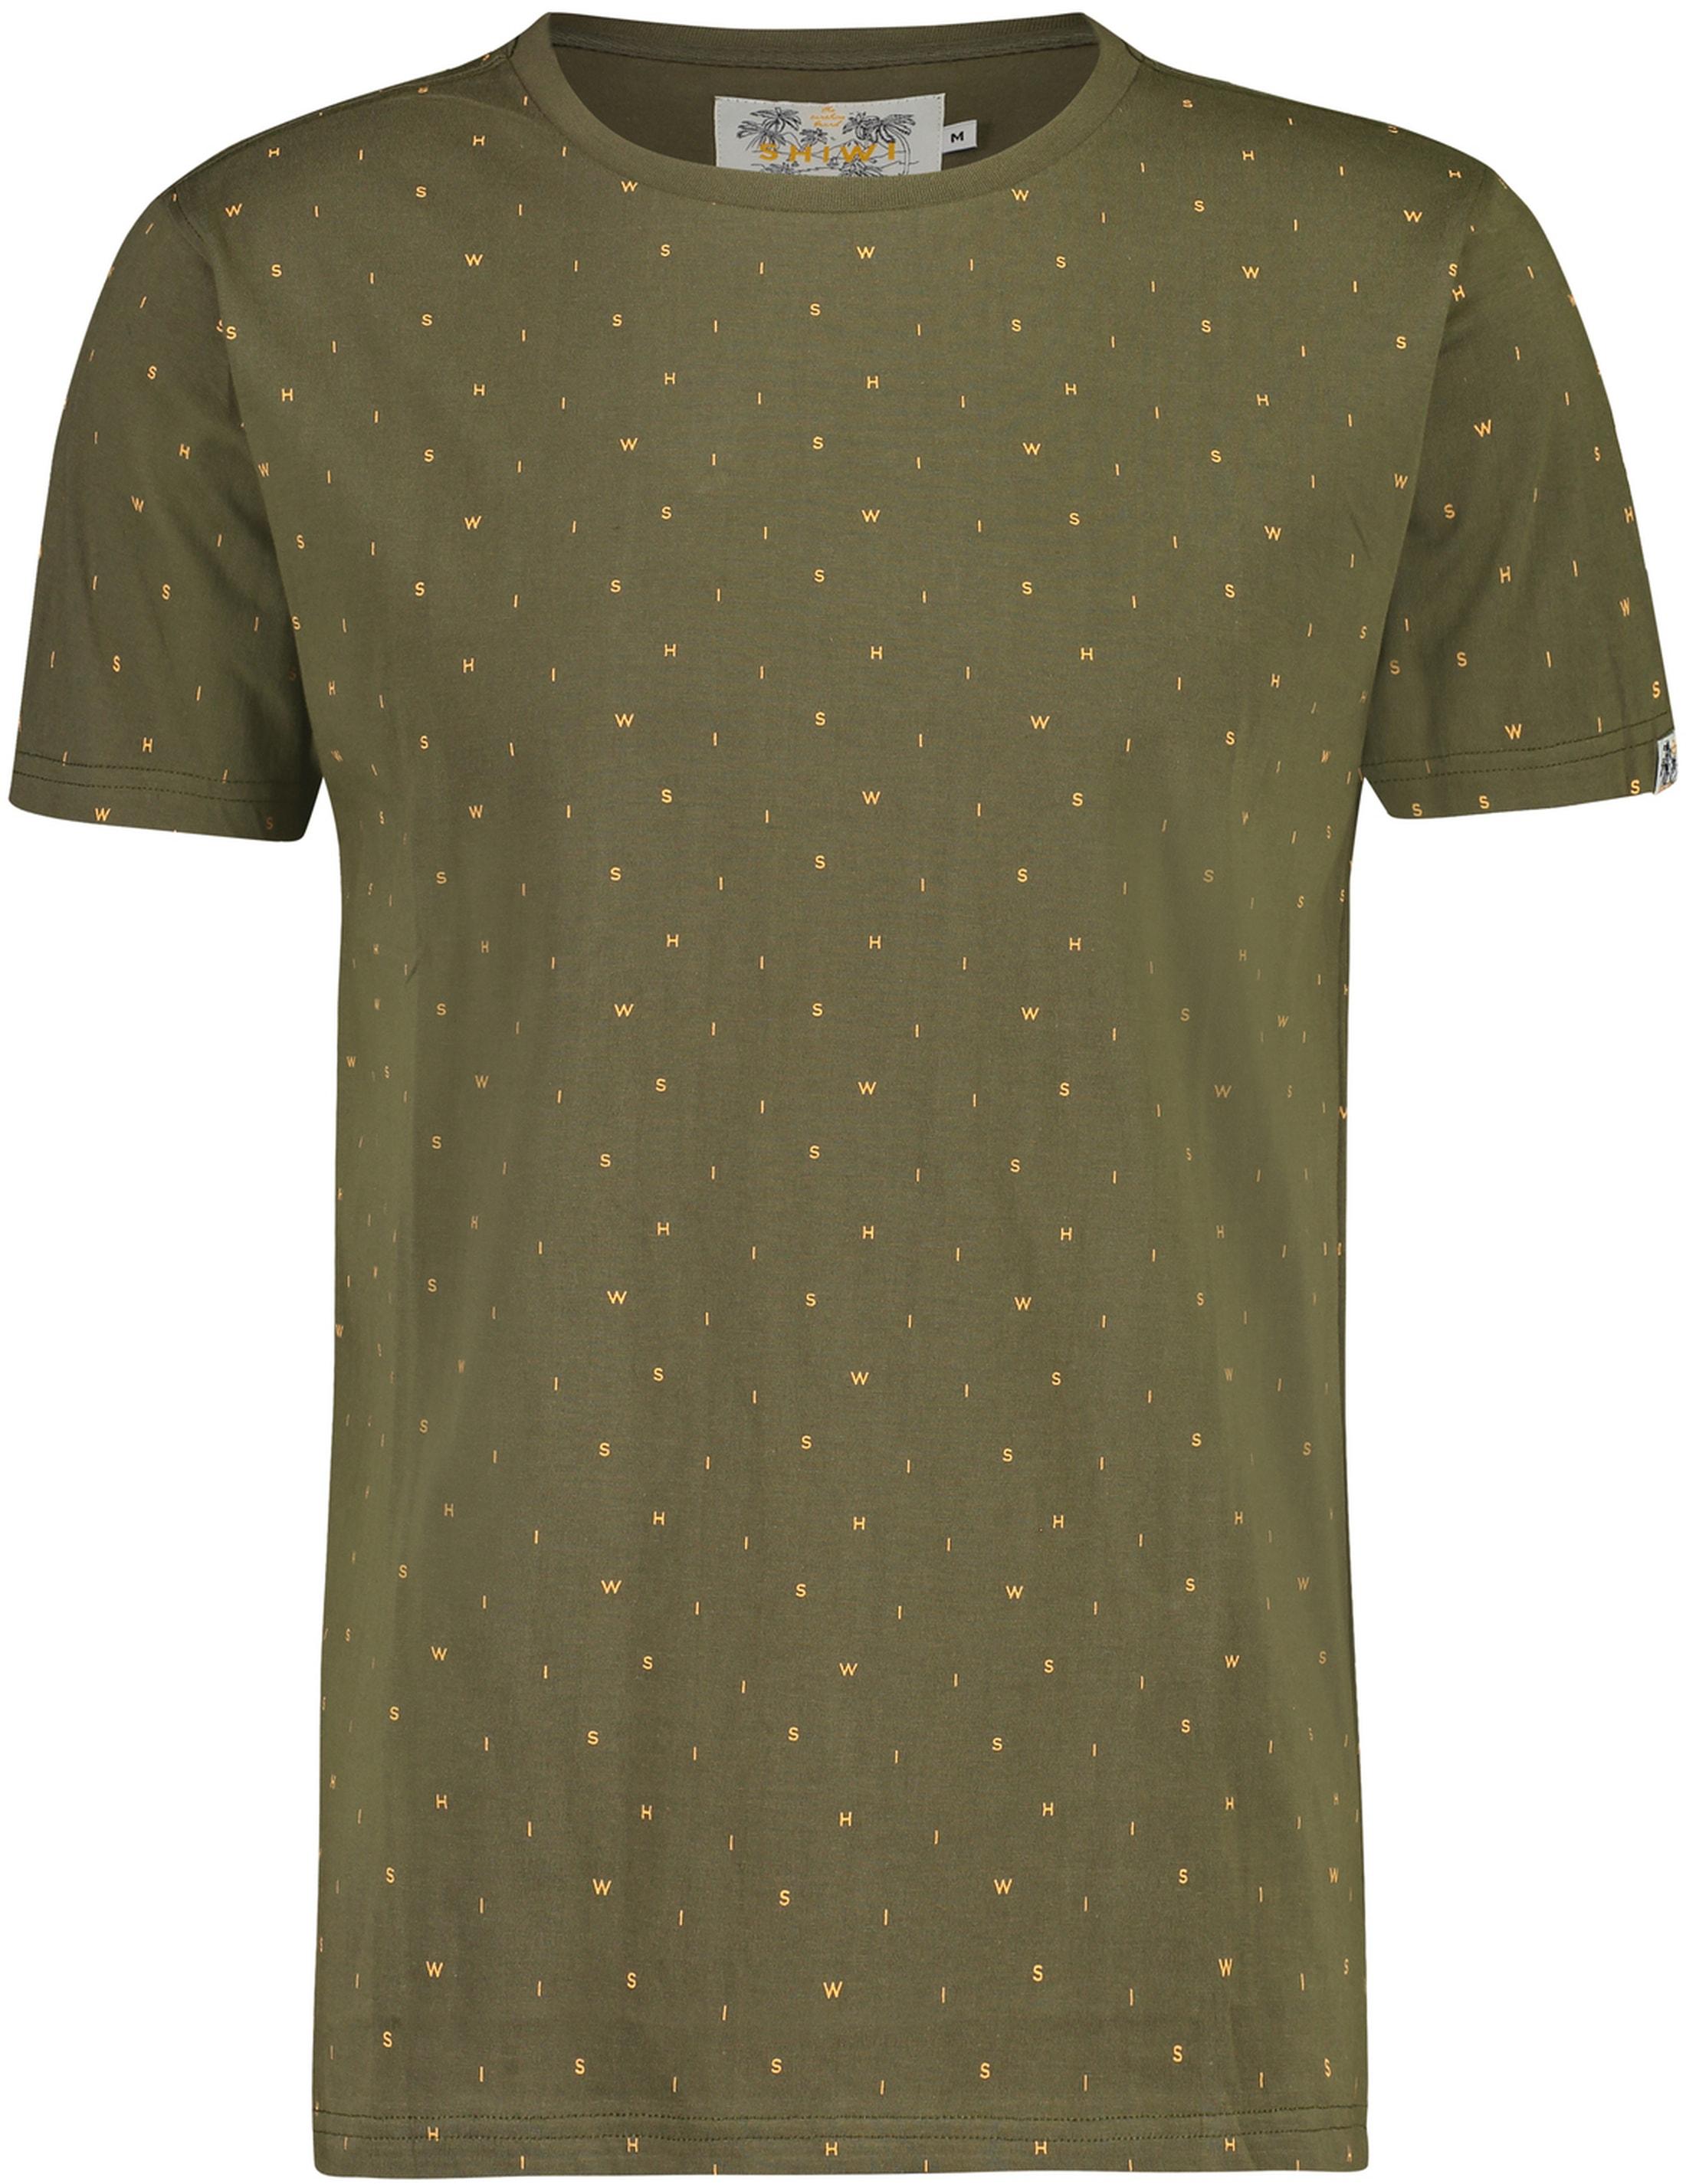 Shiwi T-Shirt Minishiwi Groen foto 0